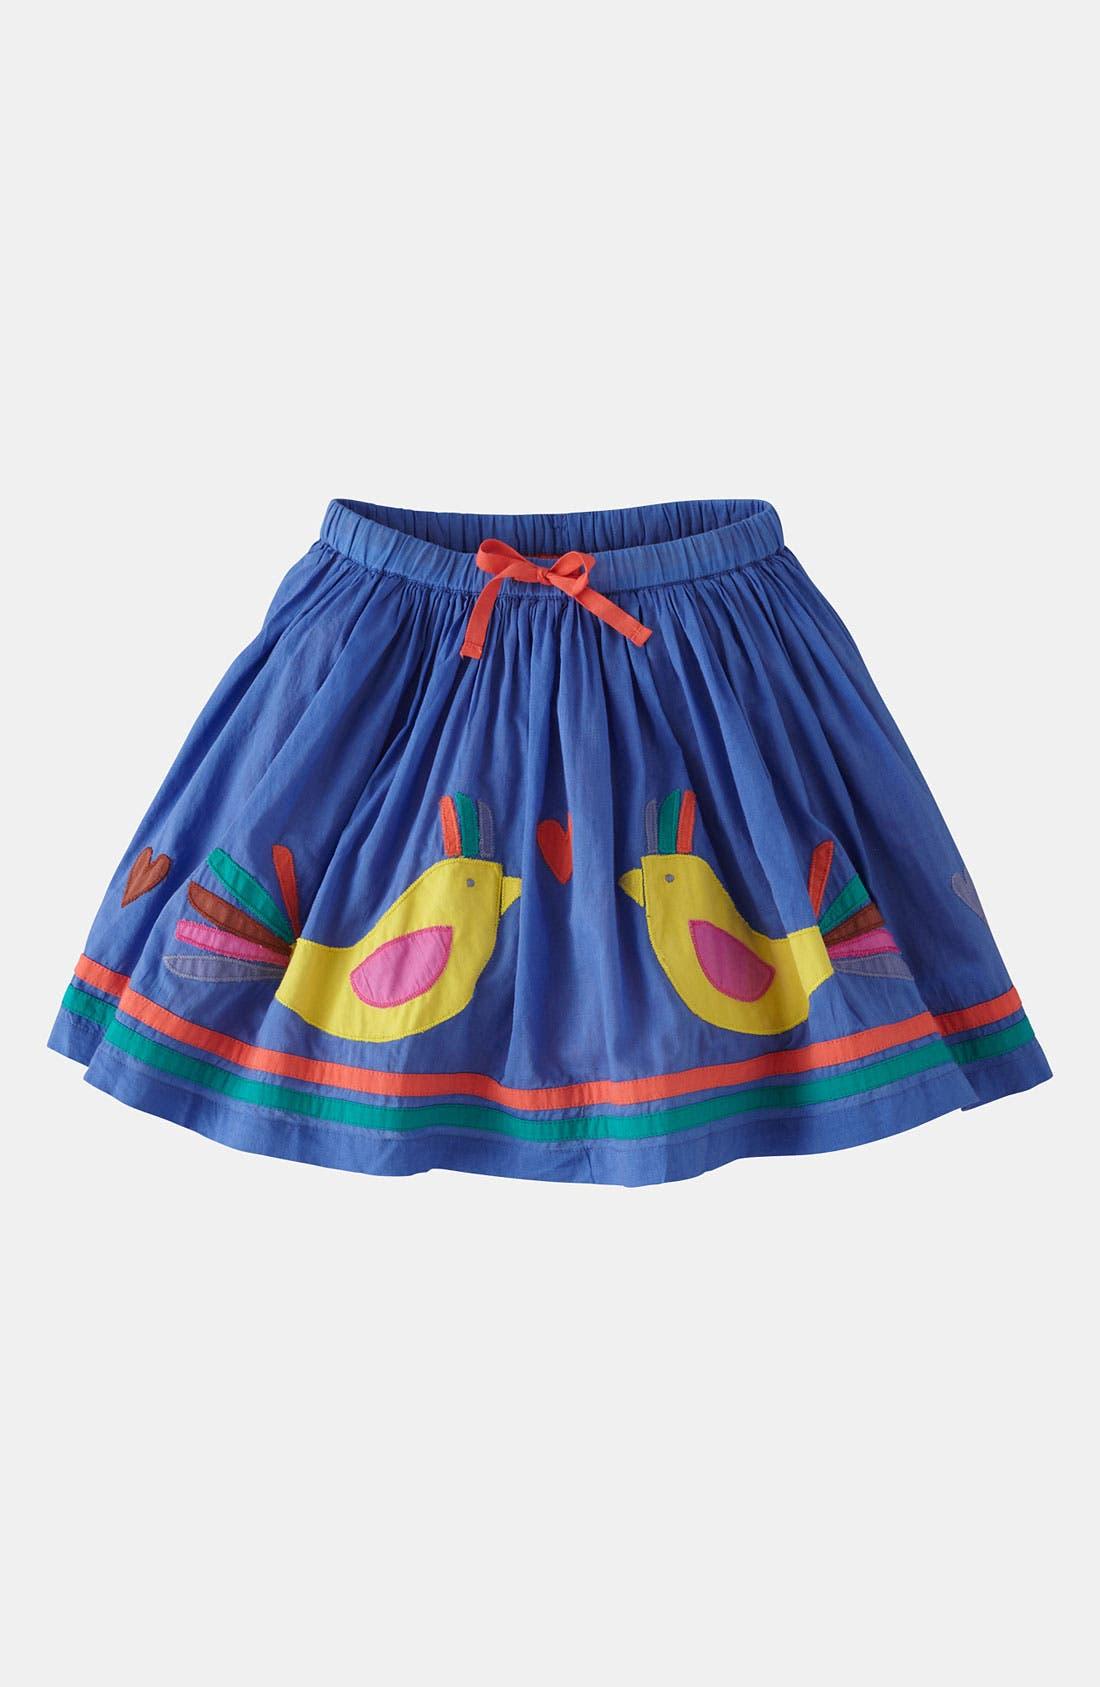 Alternate Image 1 Selected - Mini Boden 'Decorative' Skirt (Little Girls & Big Girls)